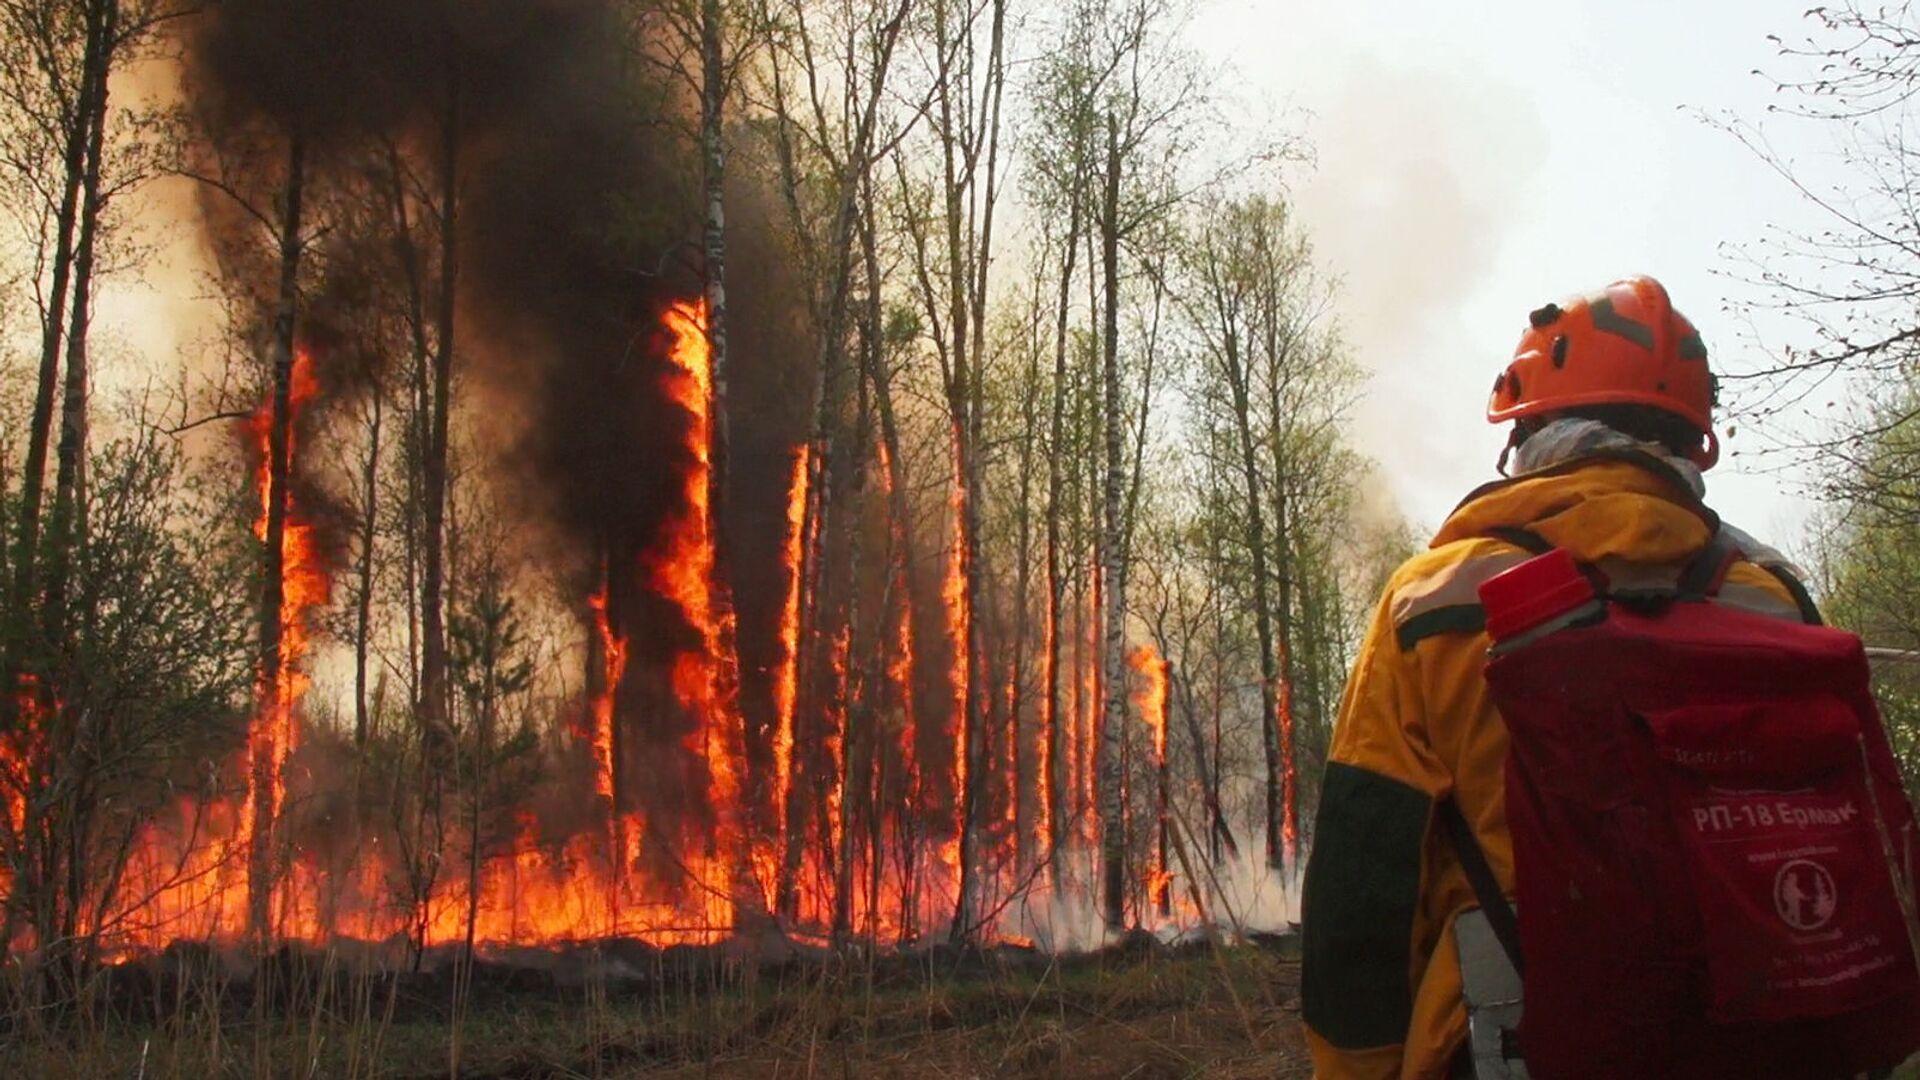 Yakutistan'da acil durum ilan edildi: Orman yangınları yerleşim yerlerine sıçradı - Sputnik Türkiye, 1920, 14.10.2021